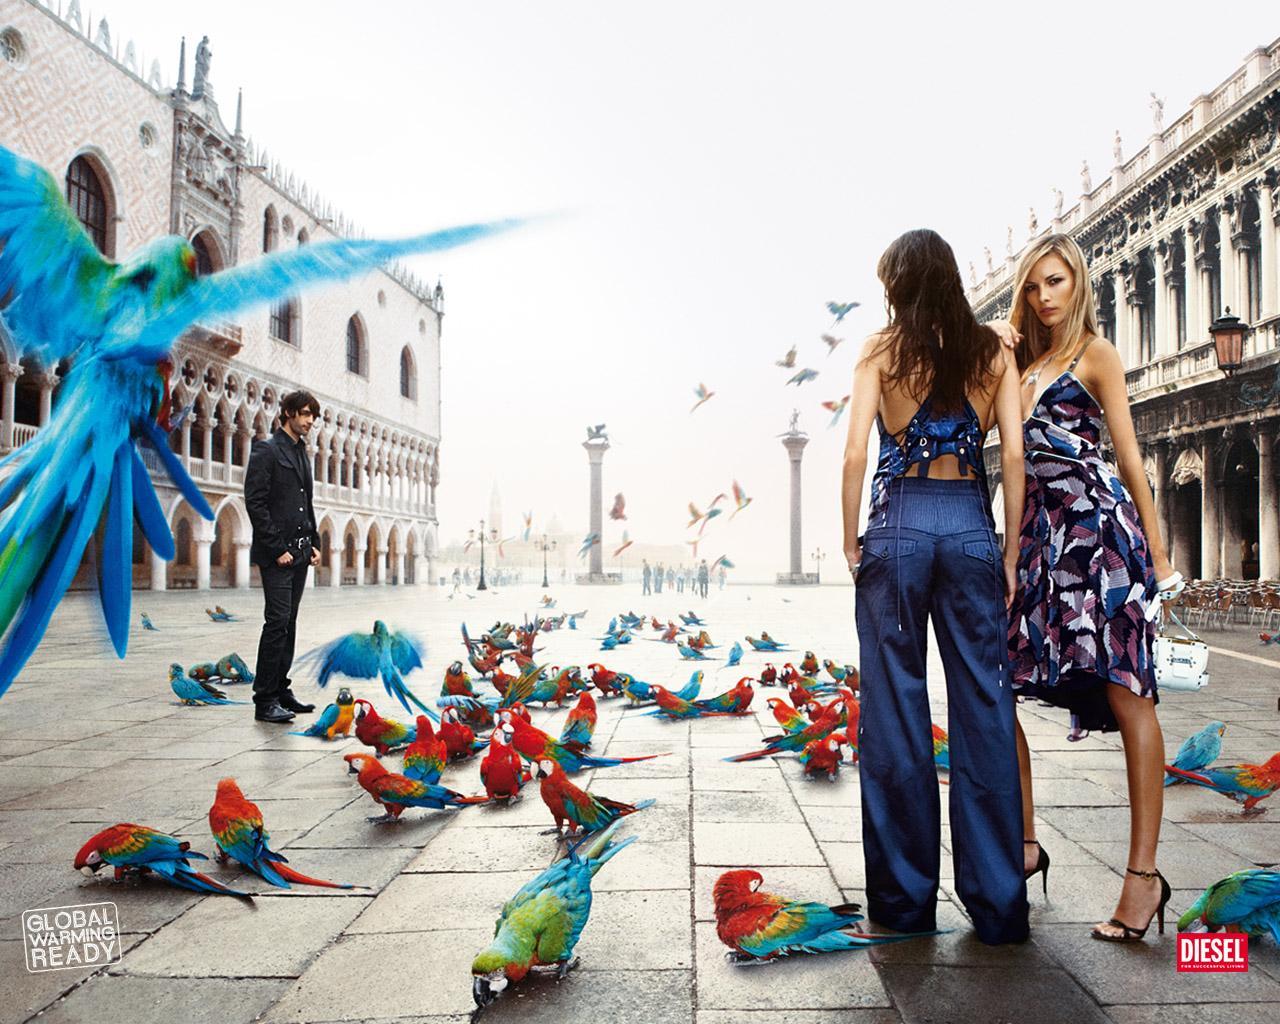 Diesel Print Ad -  Global Warming, Venice